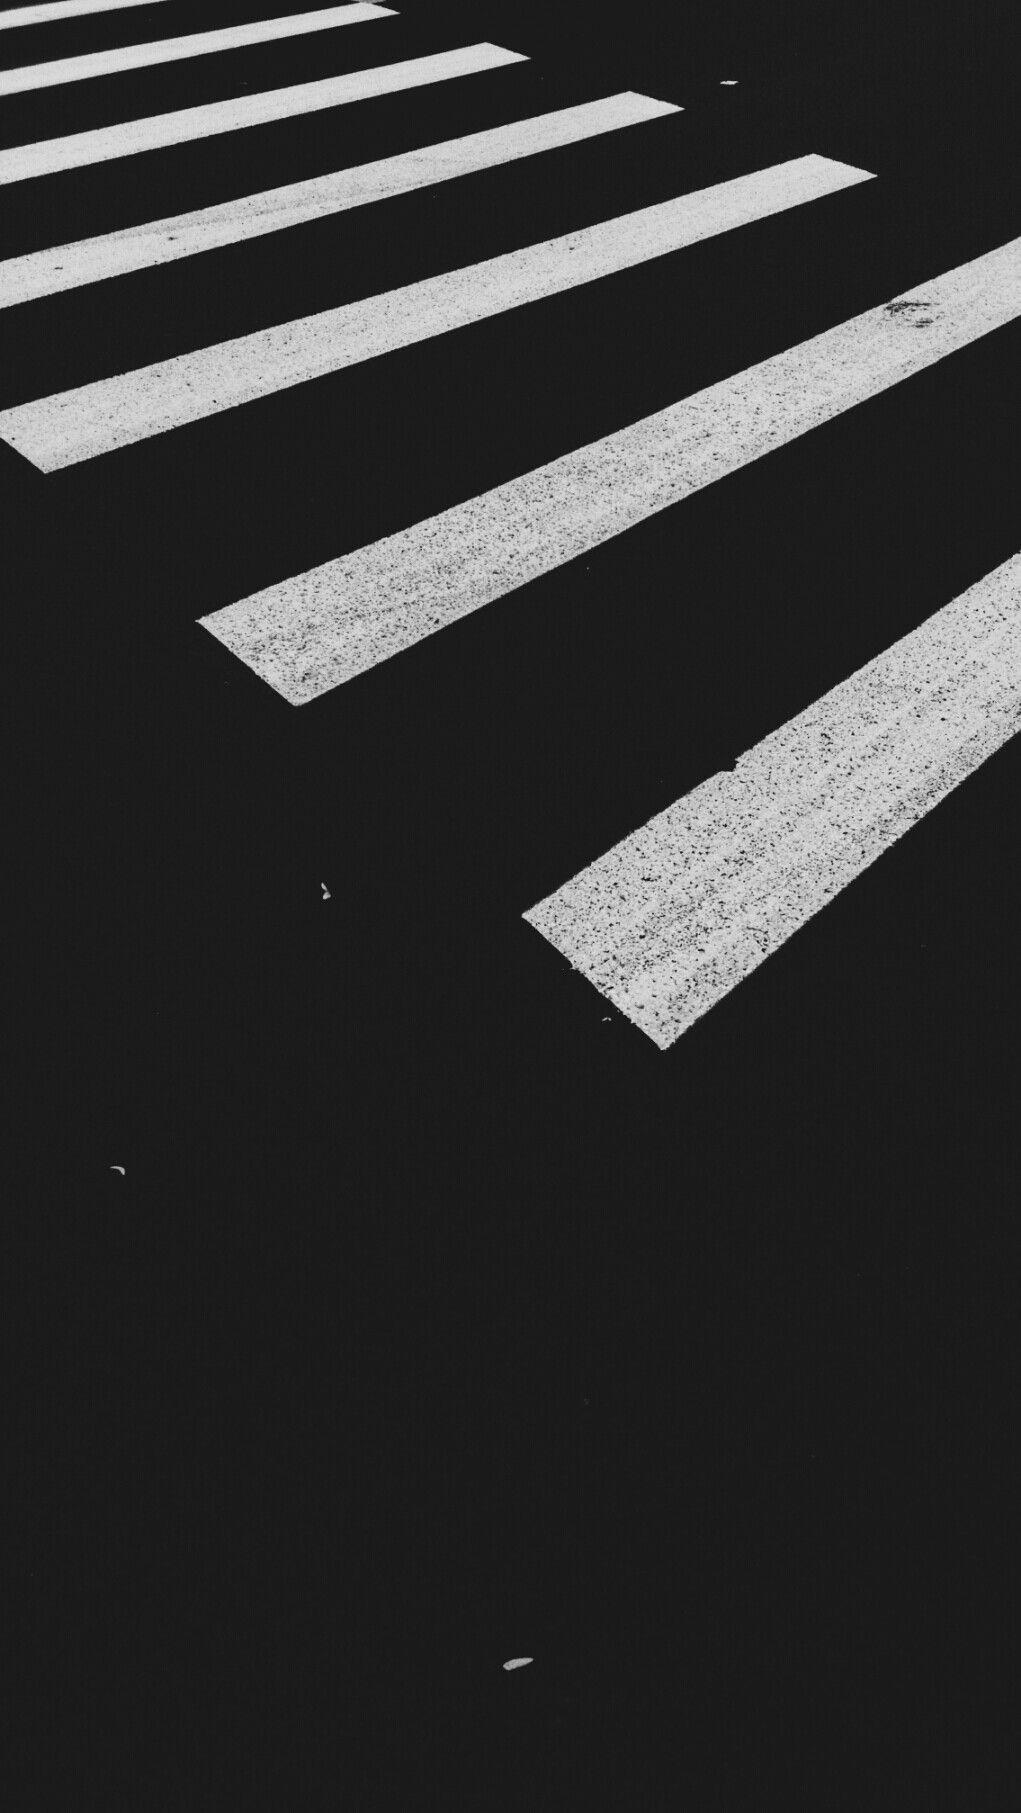 Wallpaper Tumblr My Soul Melissa 2018 Futuristic Architecture Cute Black Wallpaper Neon Wallpaper Black Wallpaper